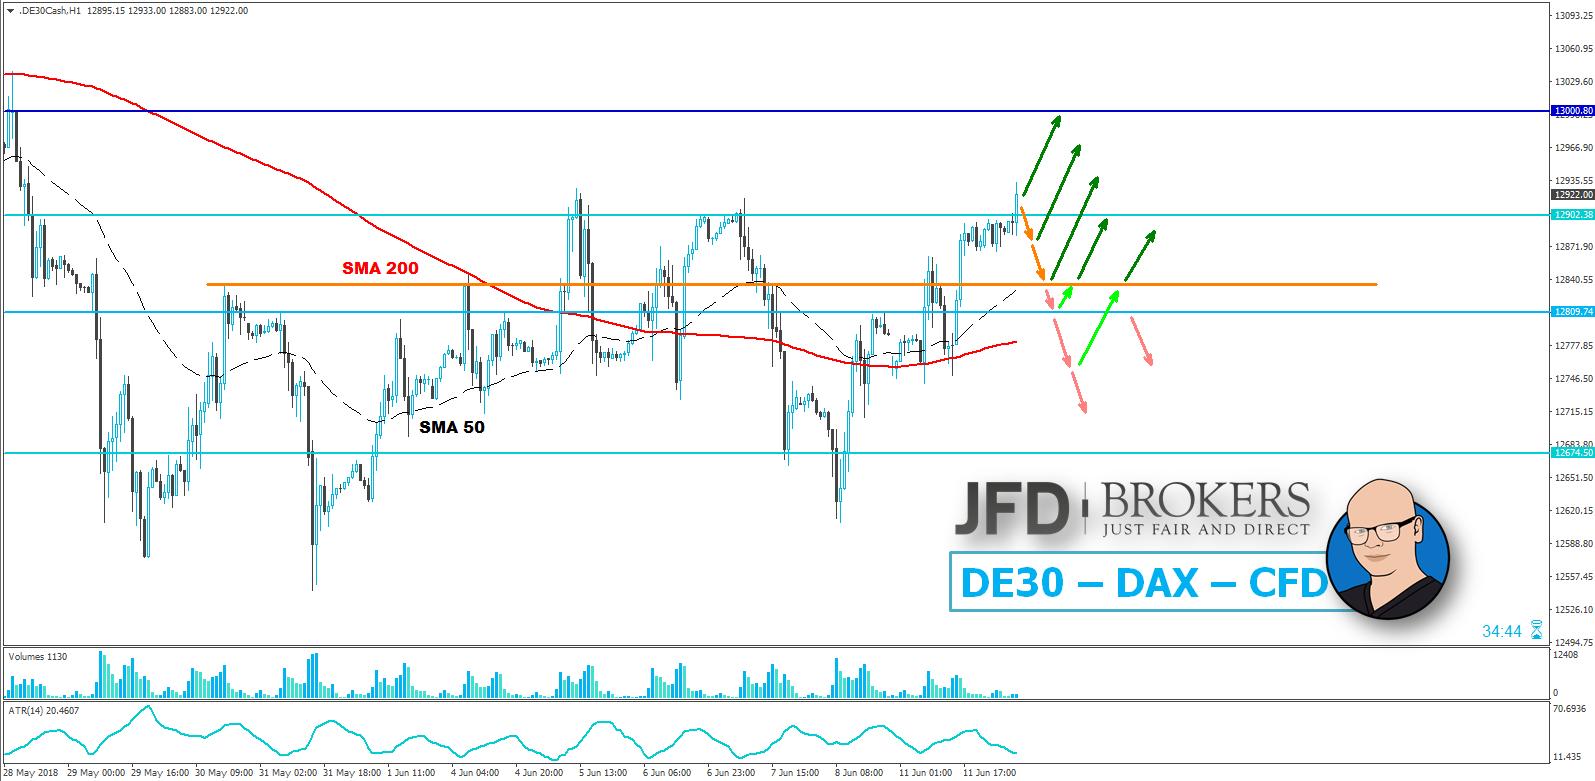 DAX-Hat-der-Markt-die-Kraft-für-einen-weiteren-positiven-Tag-Kommentar-JFD-Brokers-GodmodeTrader.de-1